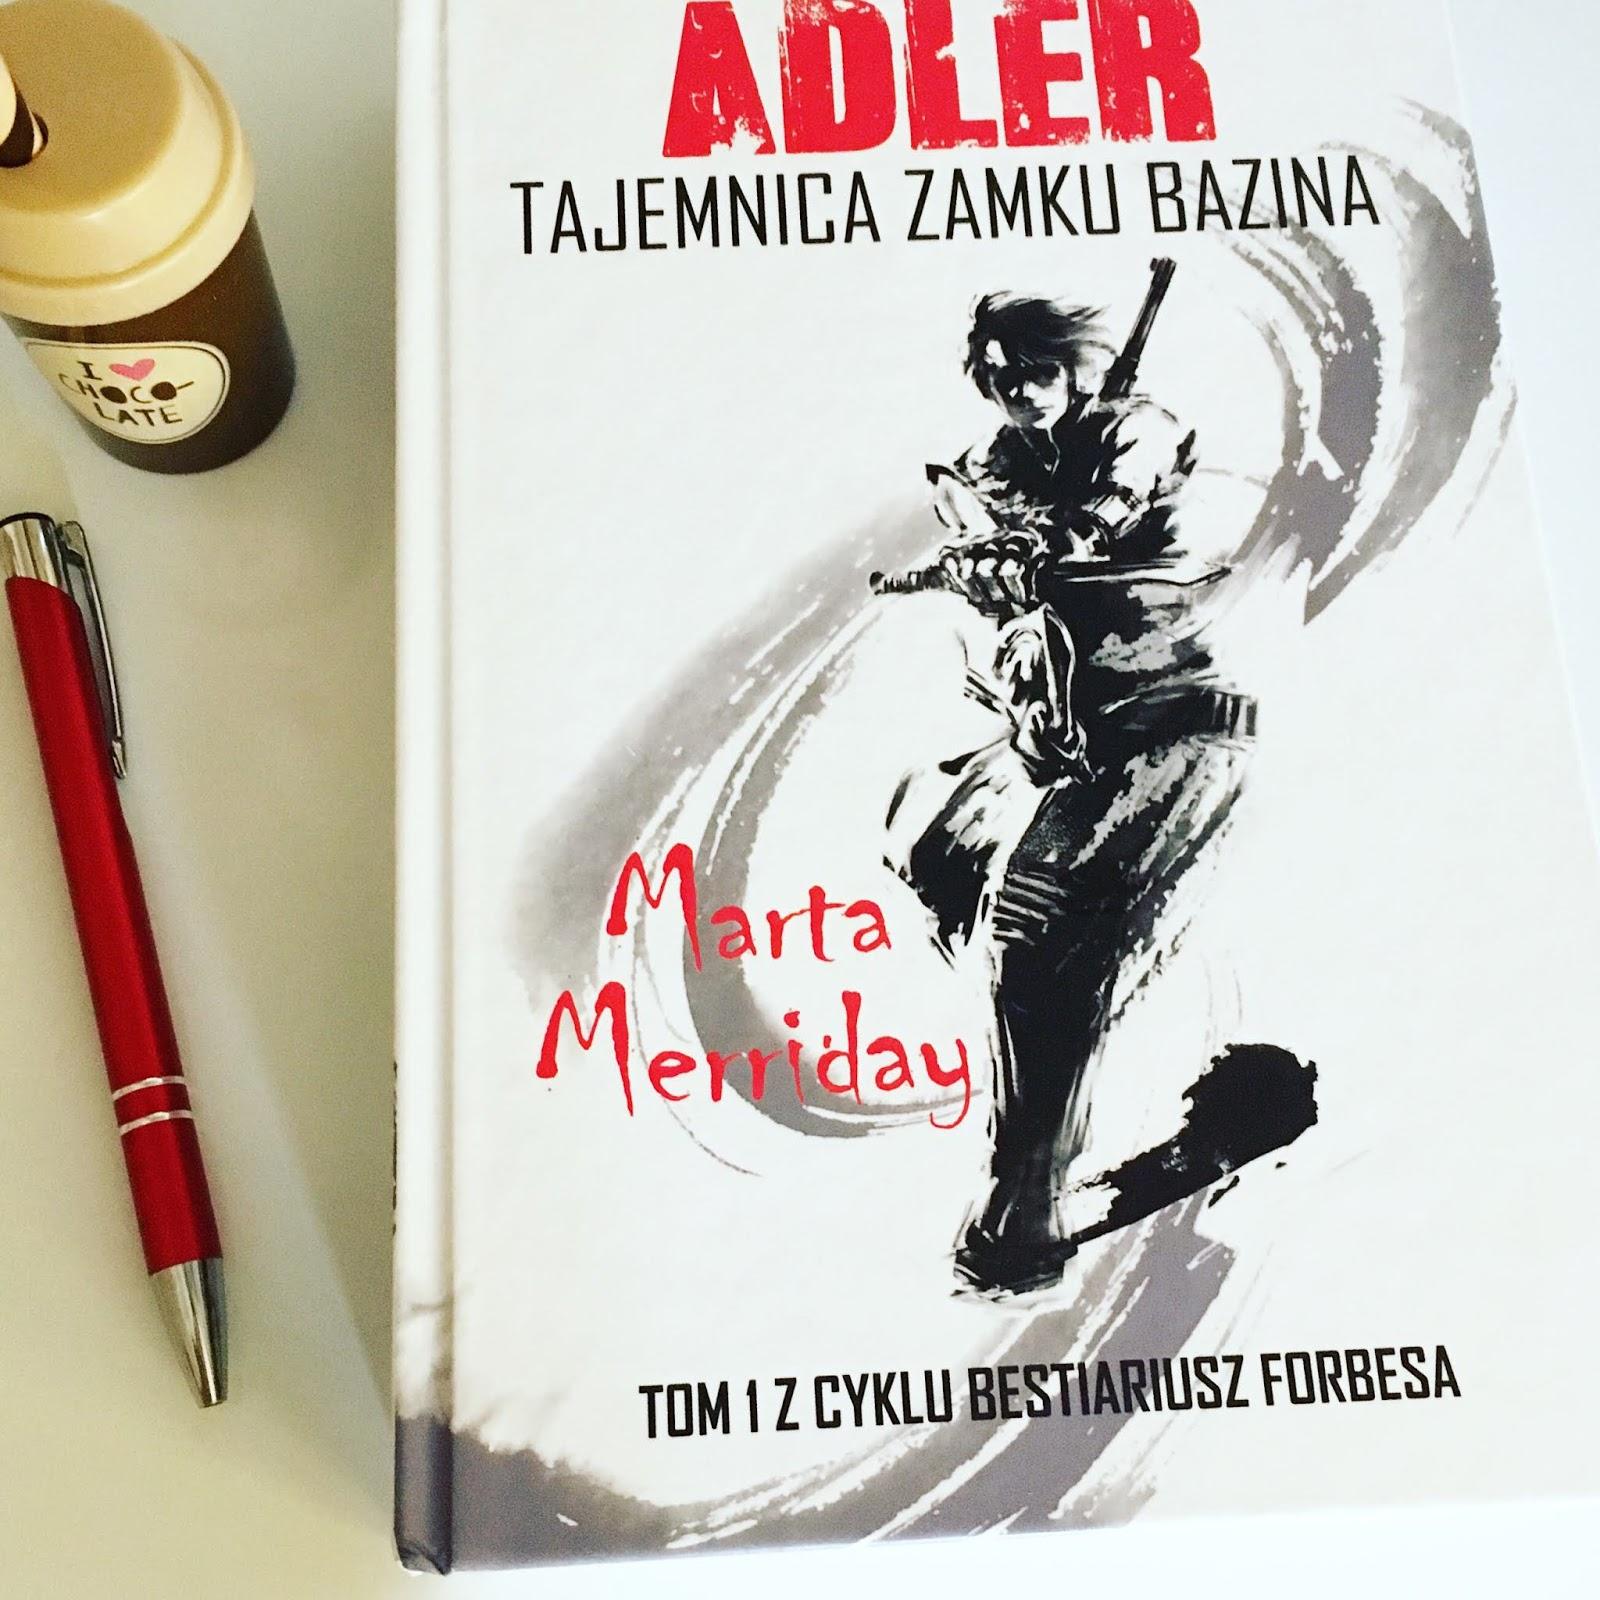 """Bestiariusz całkiem współczesny, czyli recenzja powieści Marty Merriday """"Adler. Tajemnica Zamku Bazina""""."""